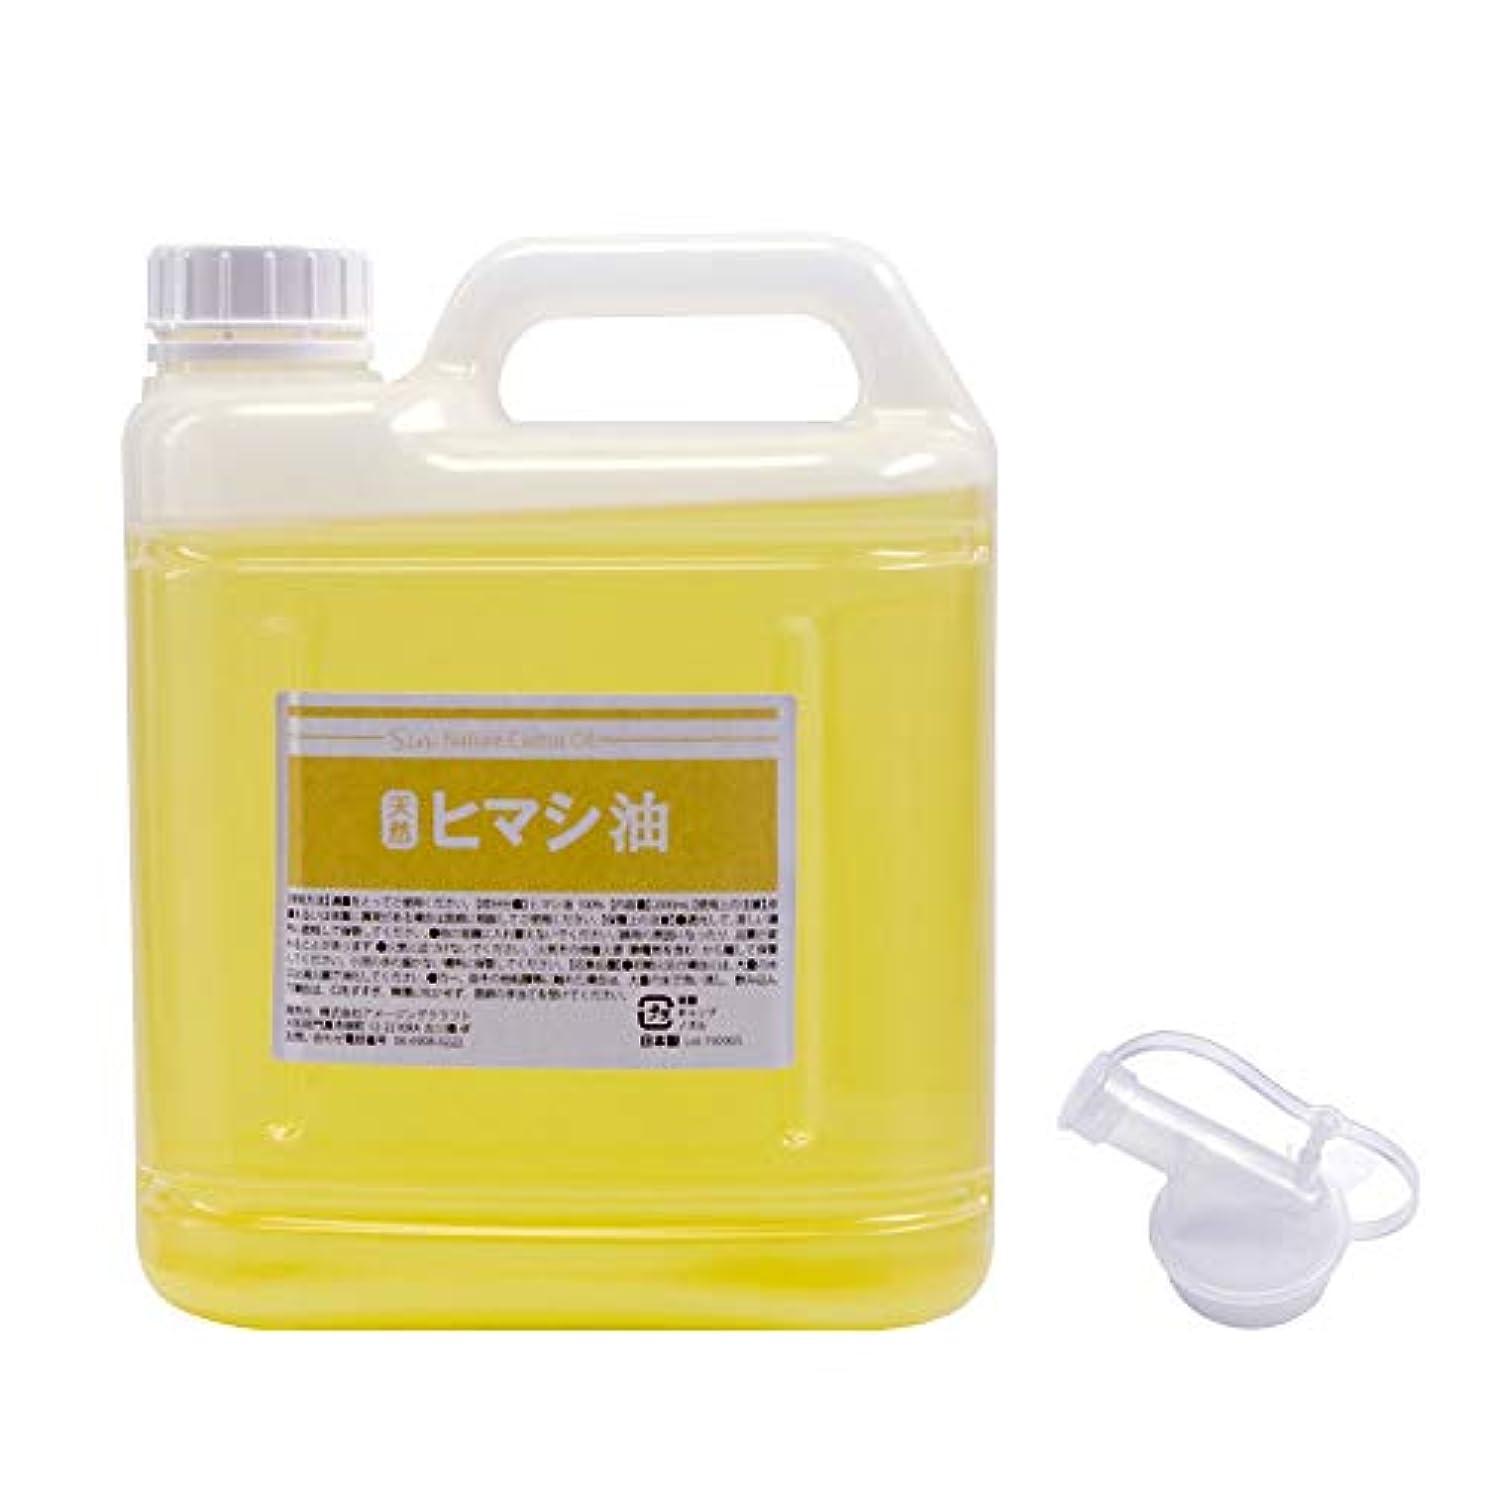 漂流単語エロチック天然無添加 国内精製ひまし油 (キャスターオイル) 2000ml 2L